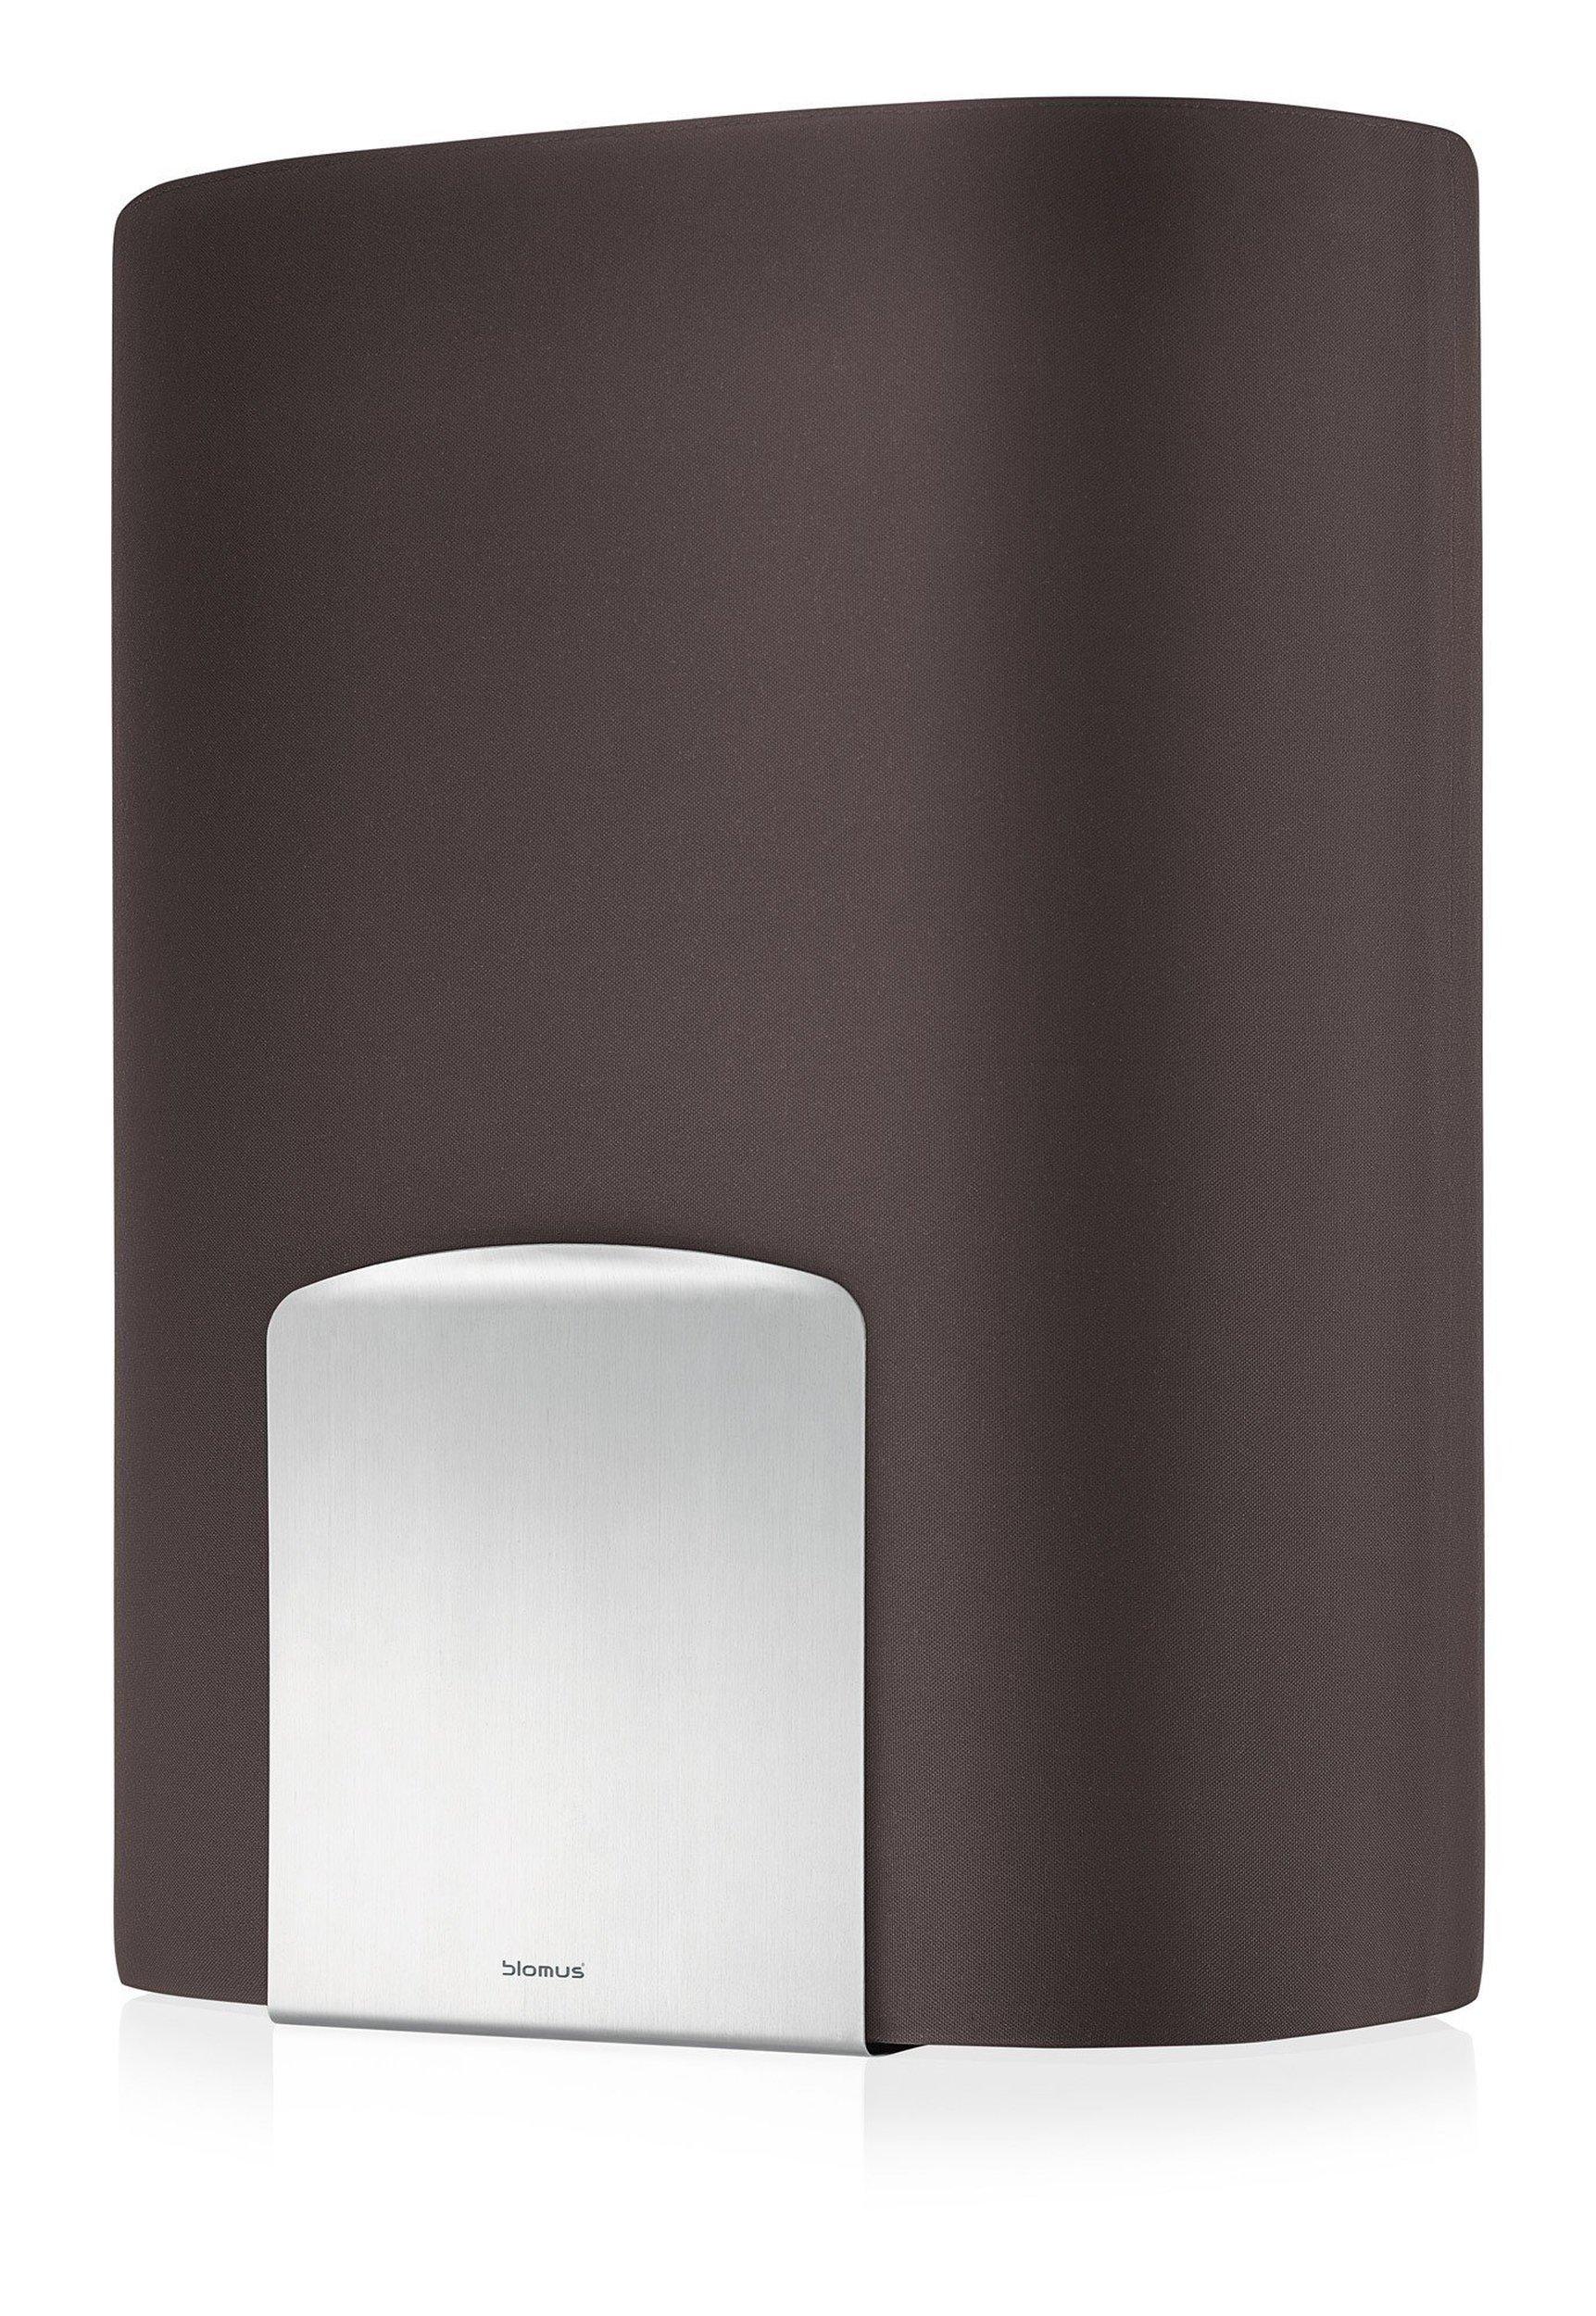 pojemnik na pranie spinta blomus floz design fabryka form. Black Bedroom Furniture Sets. Home Design Ideas